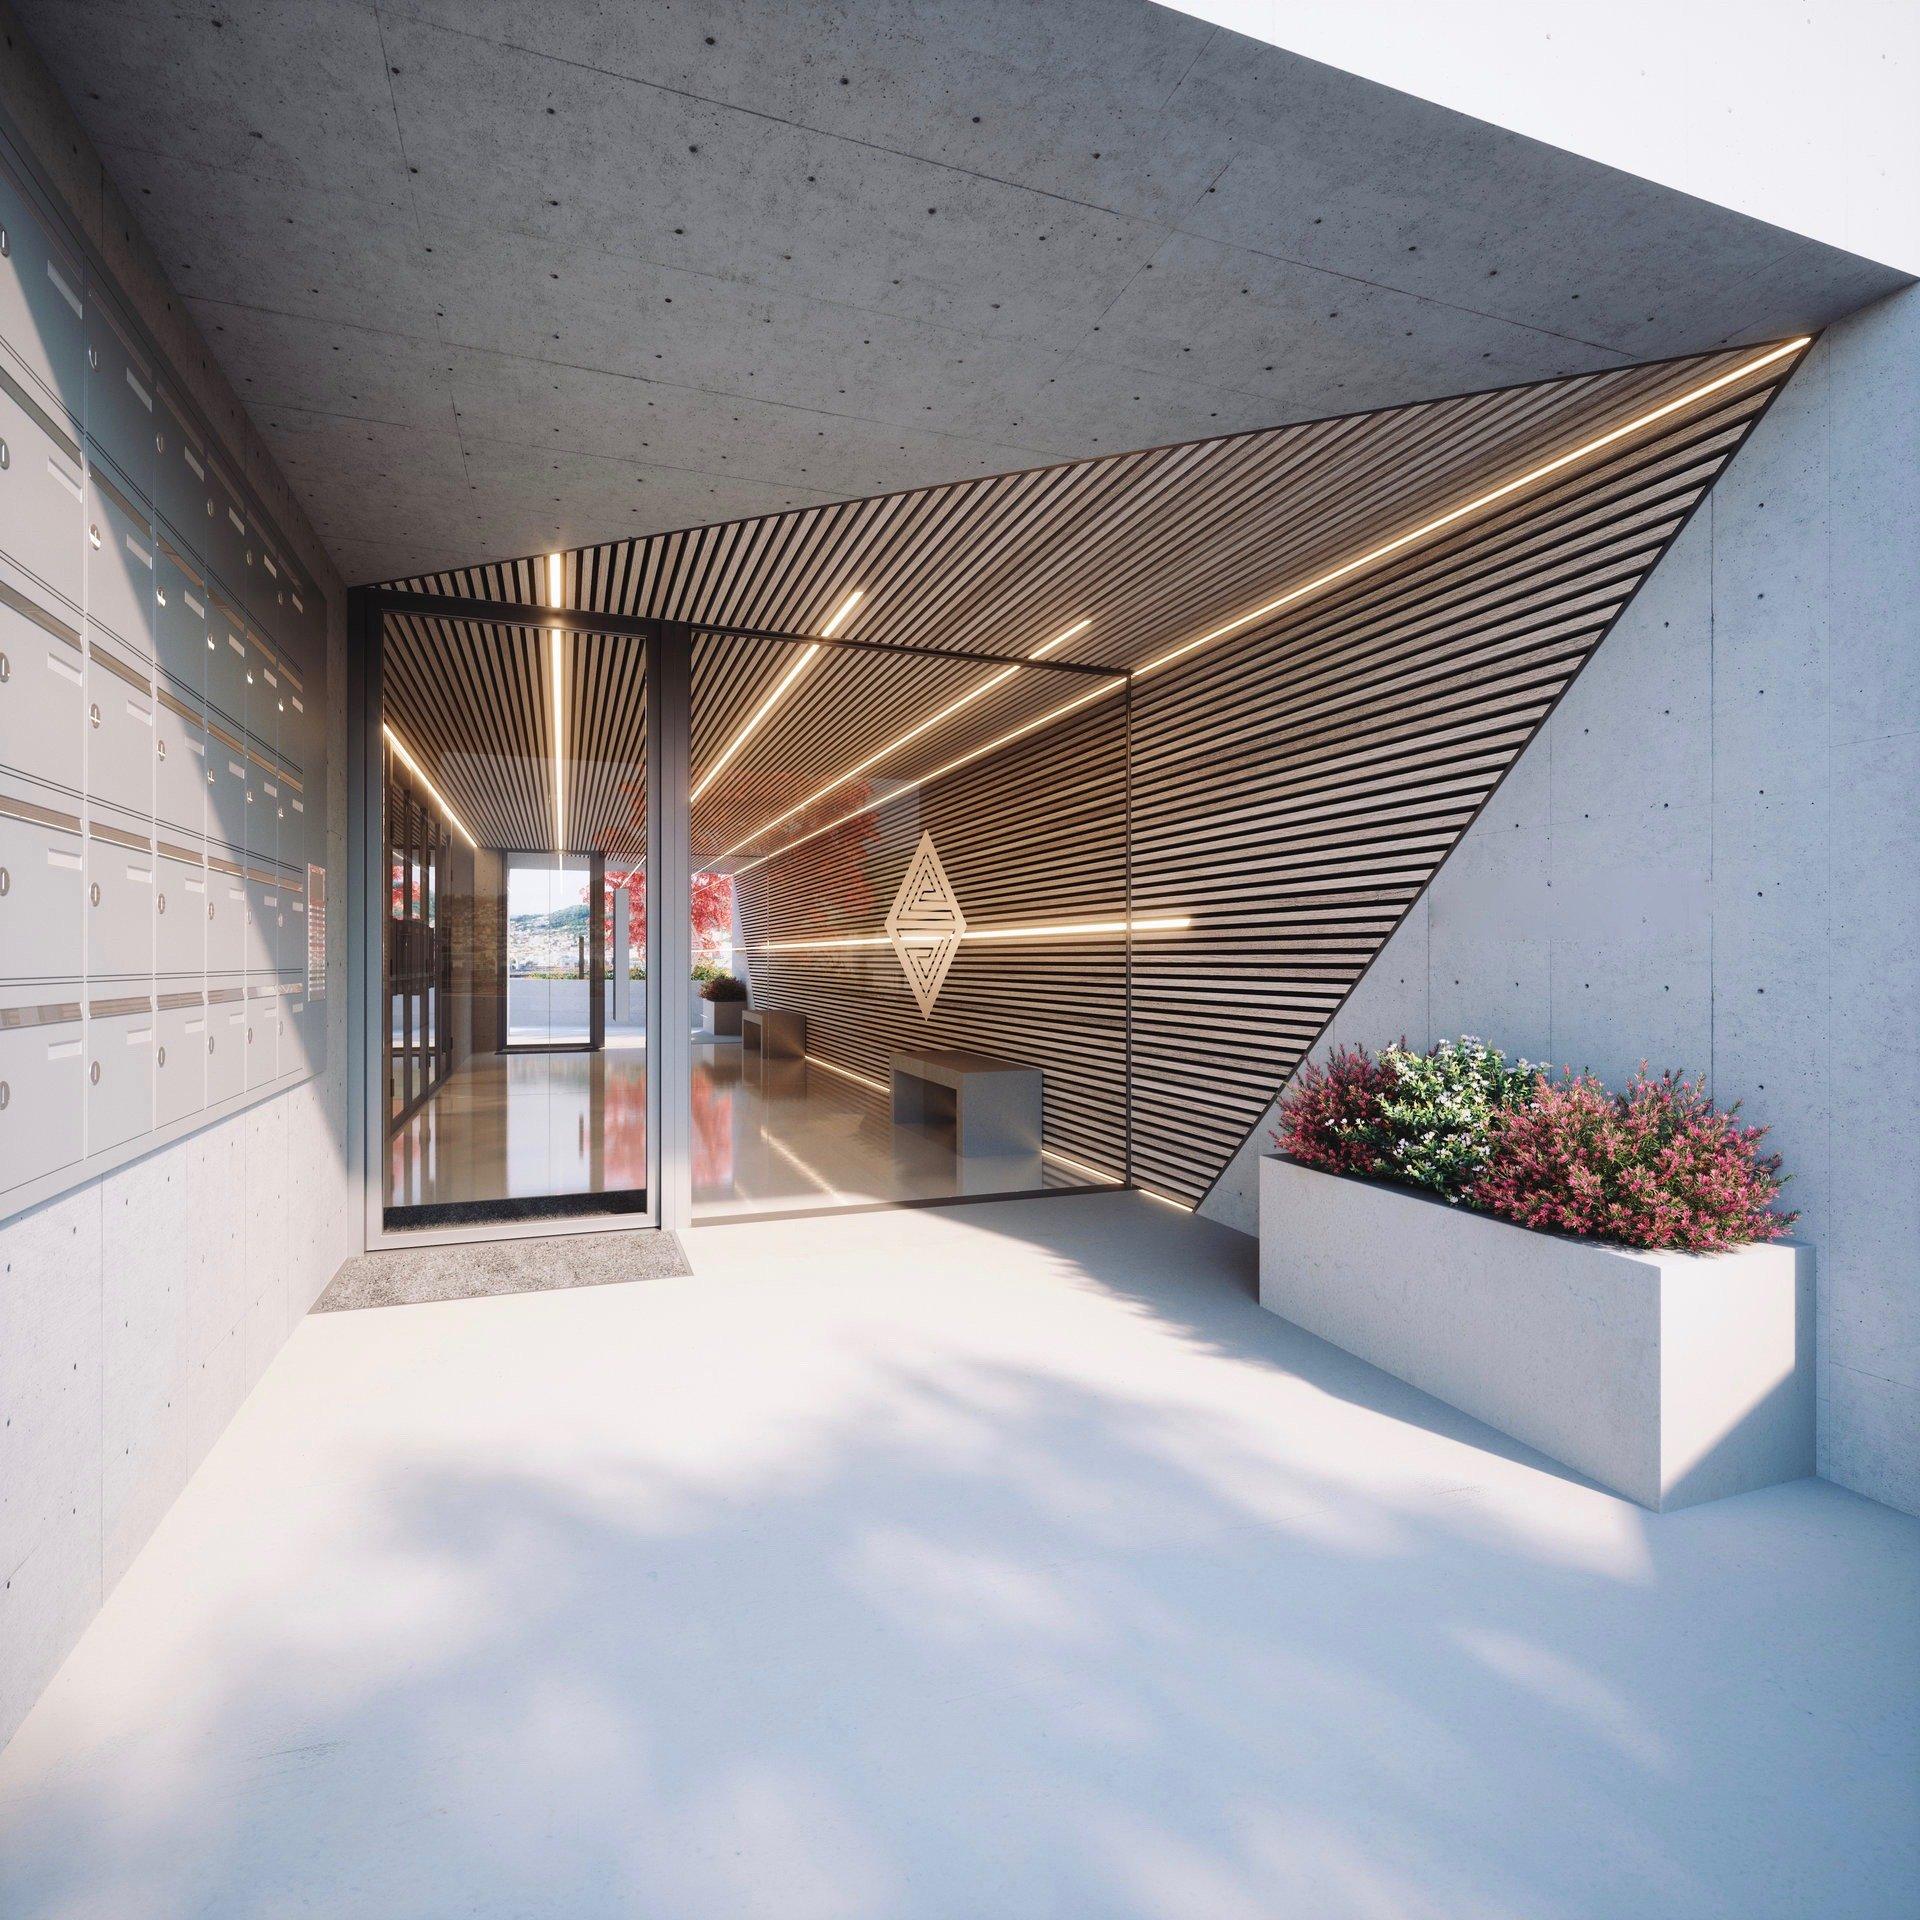 NICE - Prôvence-Alpes-Côte d'azur - vente appartement d'exception avec vue dégagée